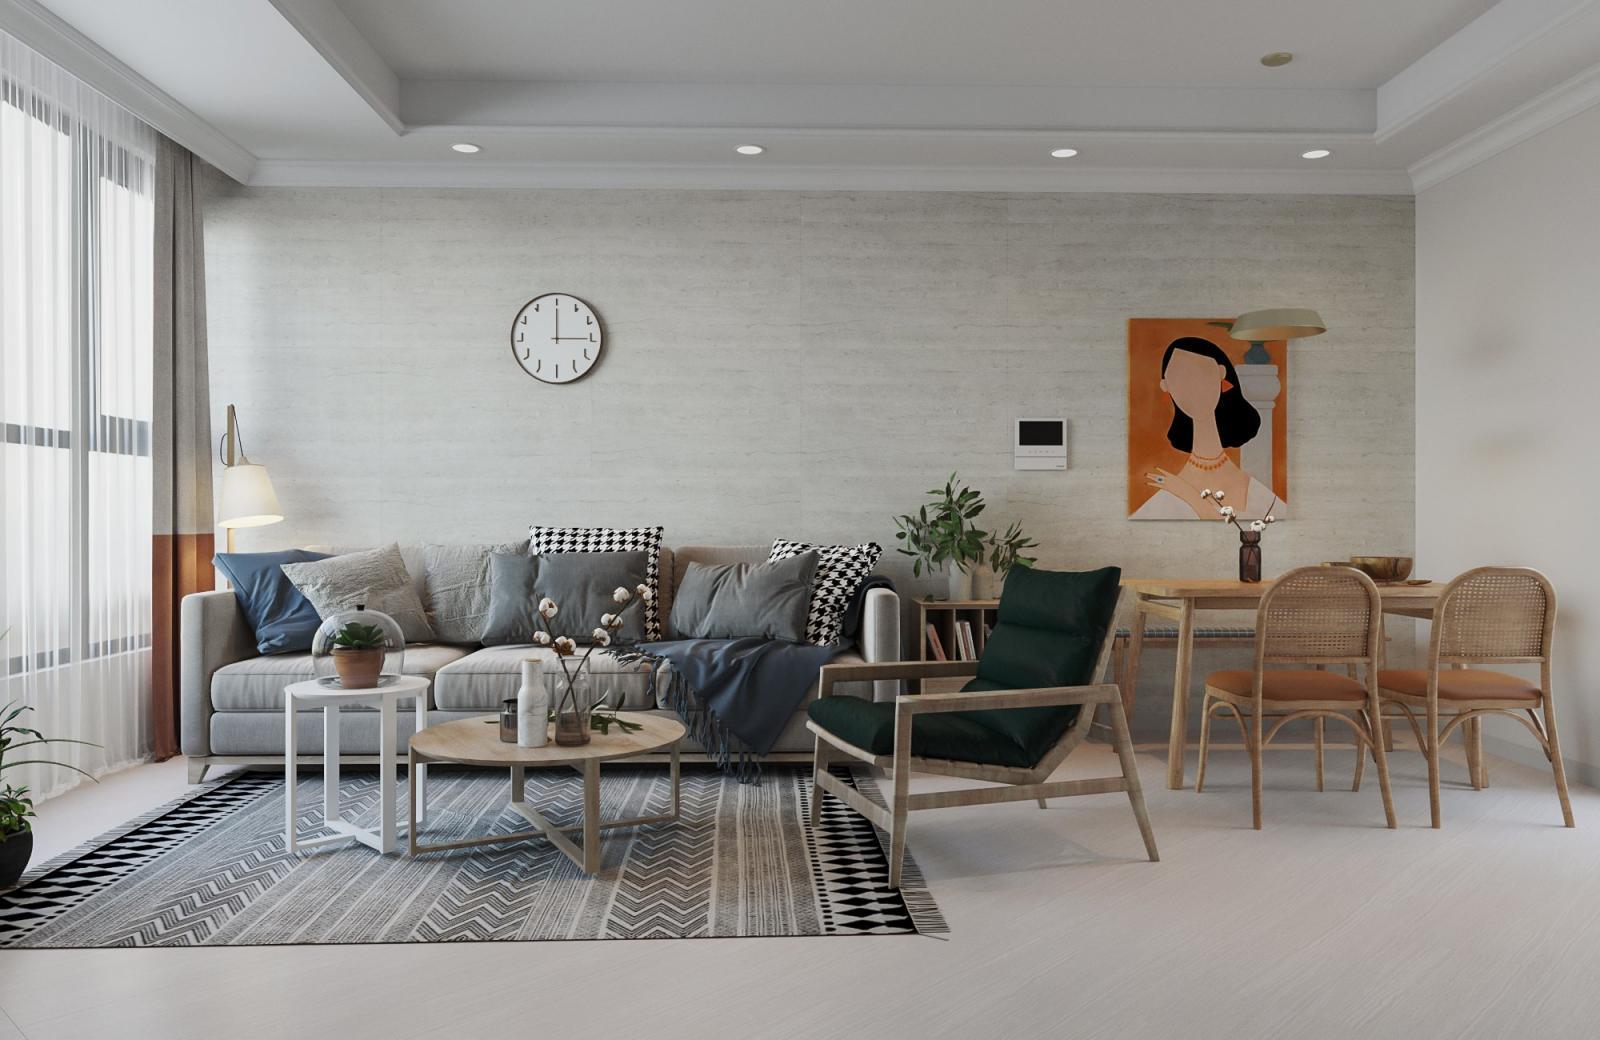 bộ bàn ghế bên trong căn hộ, trên tường có bức tranh